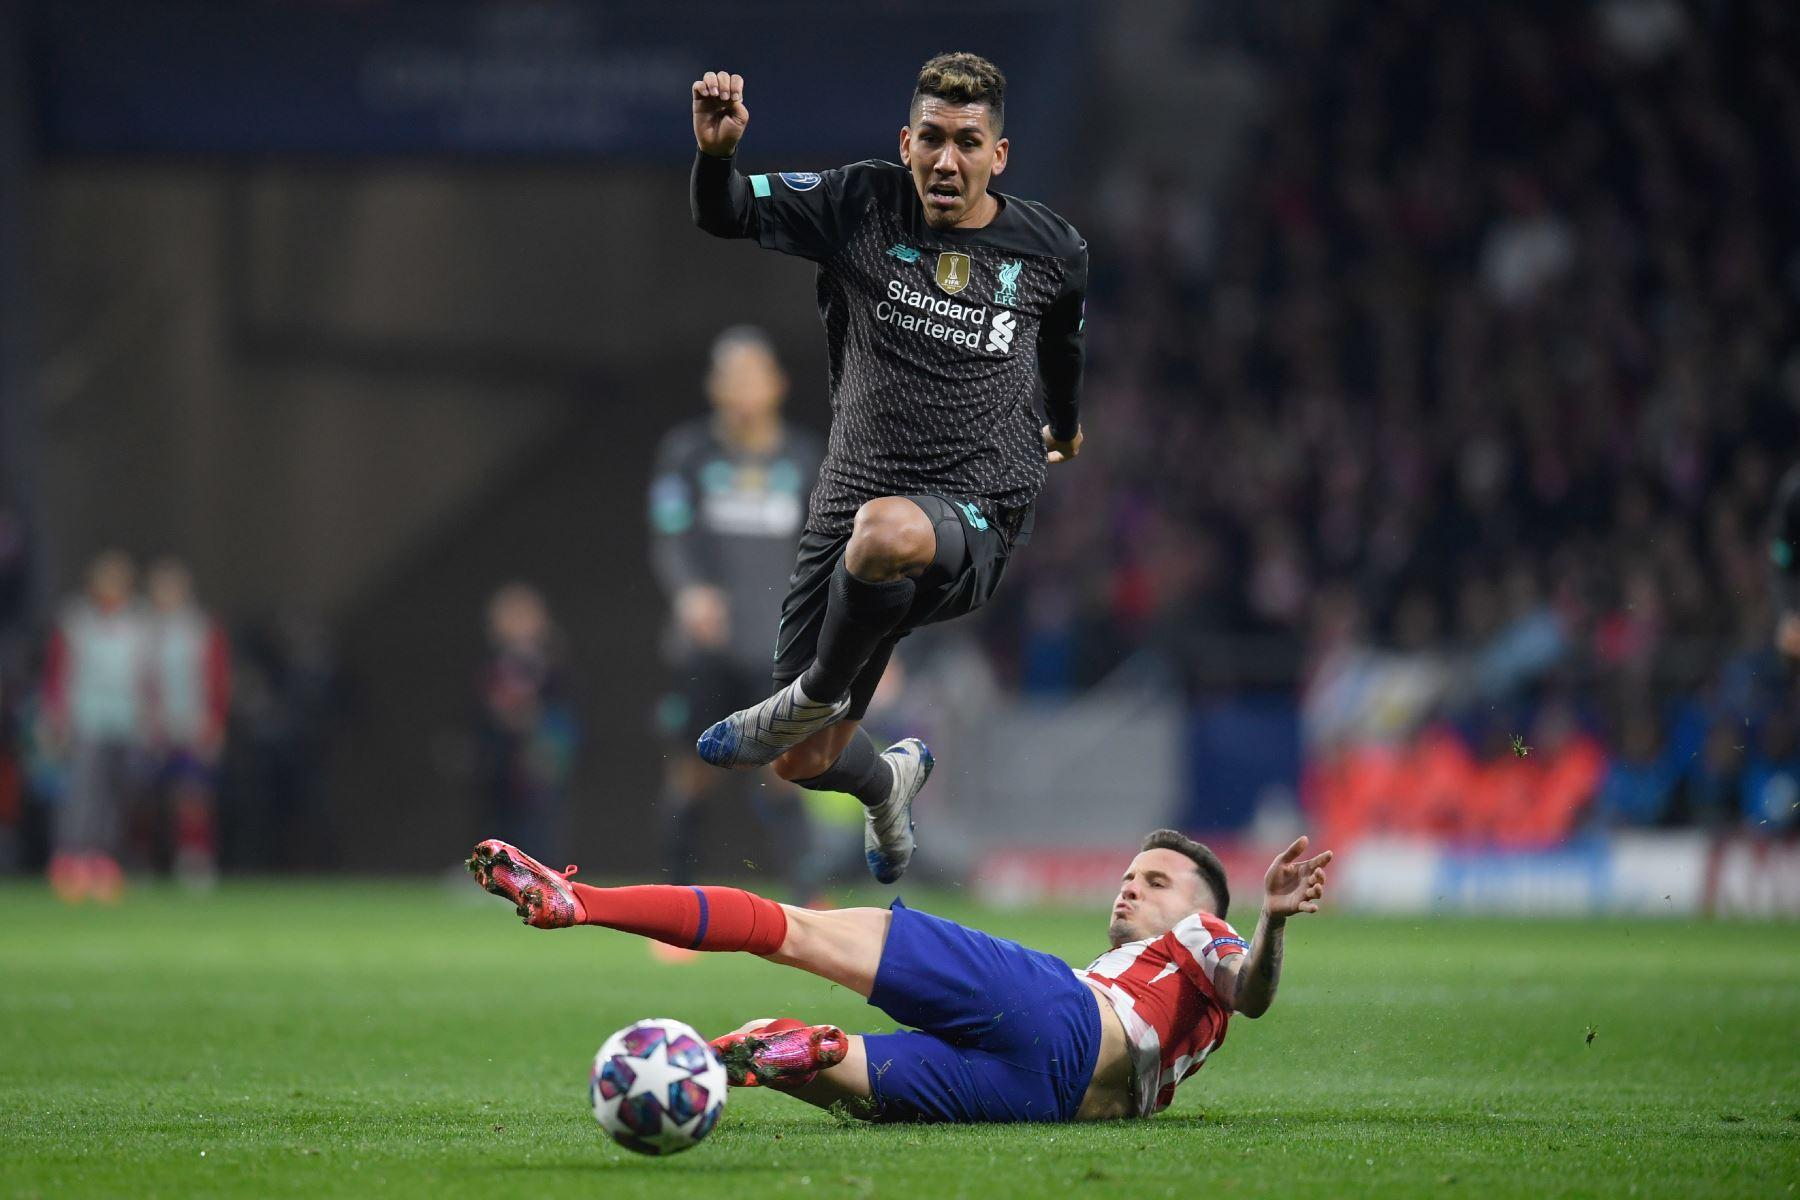 El centrocampista español del Atlético de Madrid Saúl Niguez (abajo) desafía al centrocampista brasileño del Liverpool Roberto Firmino durante la UEFA Champions League, octavos de final.Foto:AFP